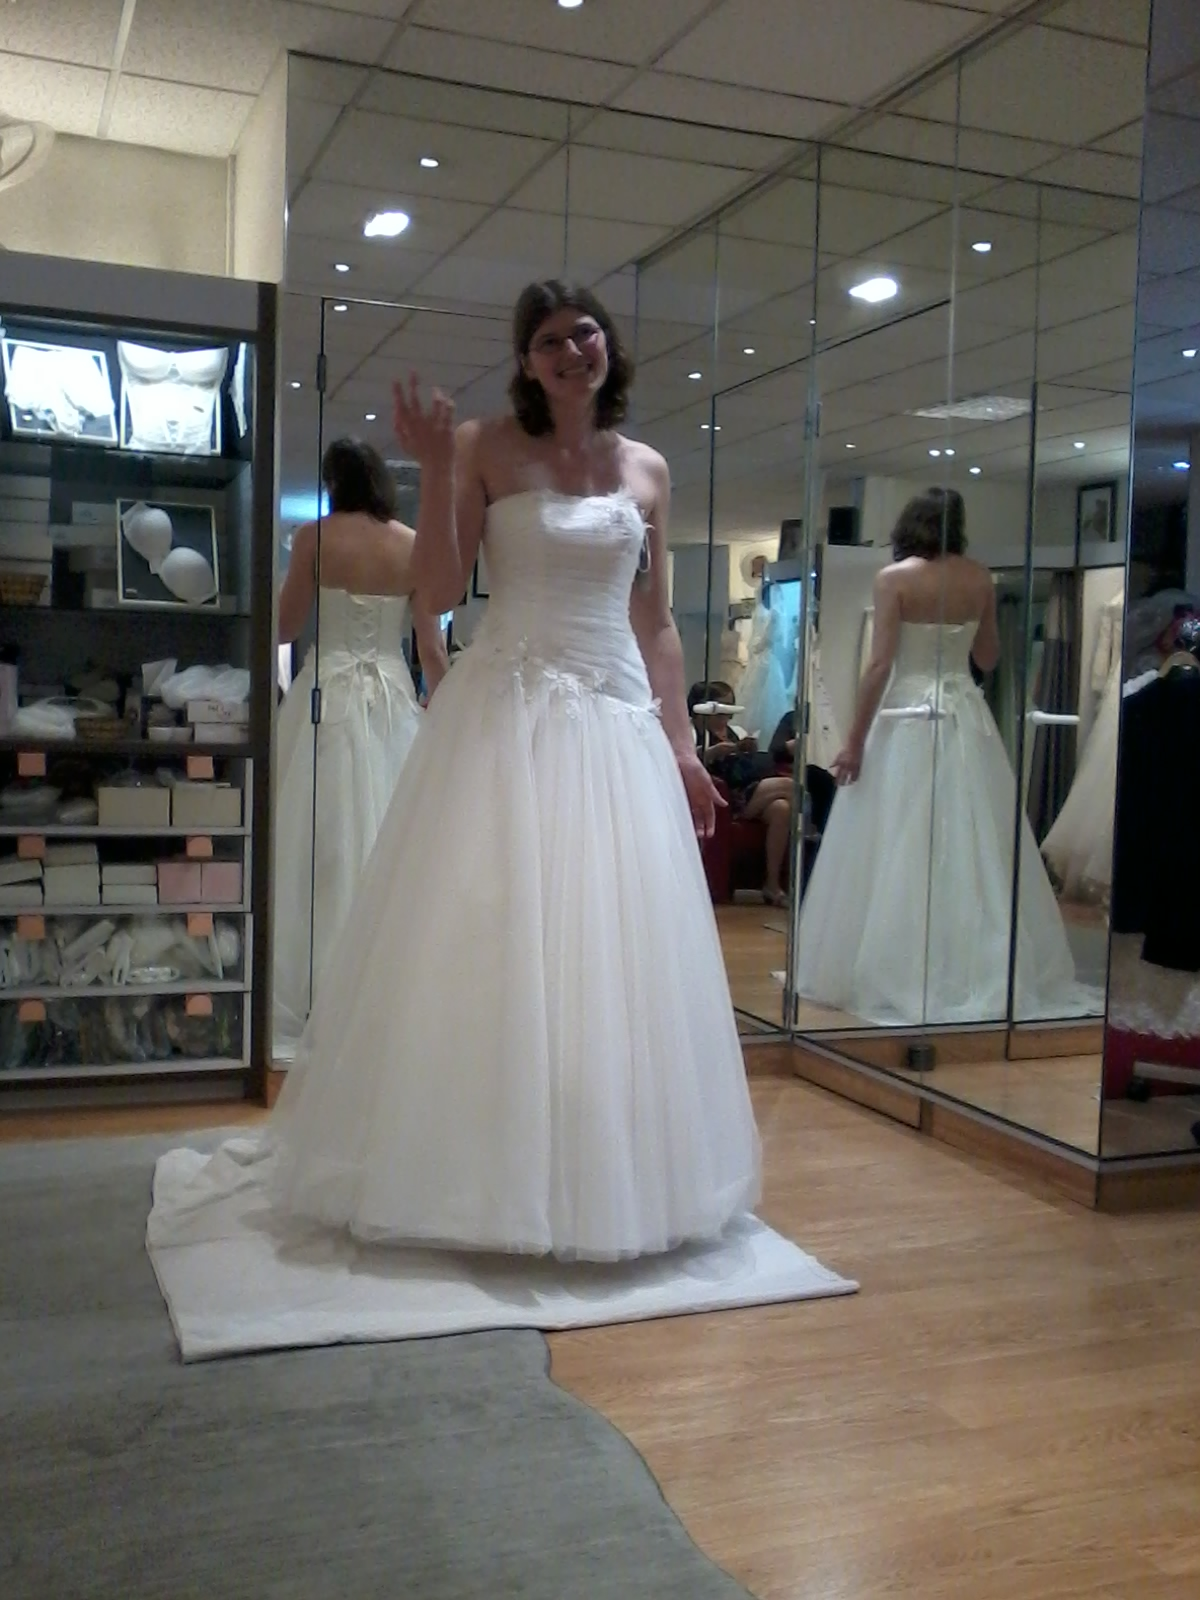 Aaah, j'ai le droit d'essayer des robes de mariééée !!